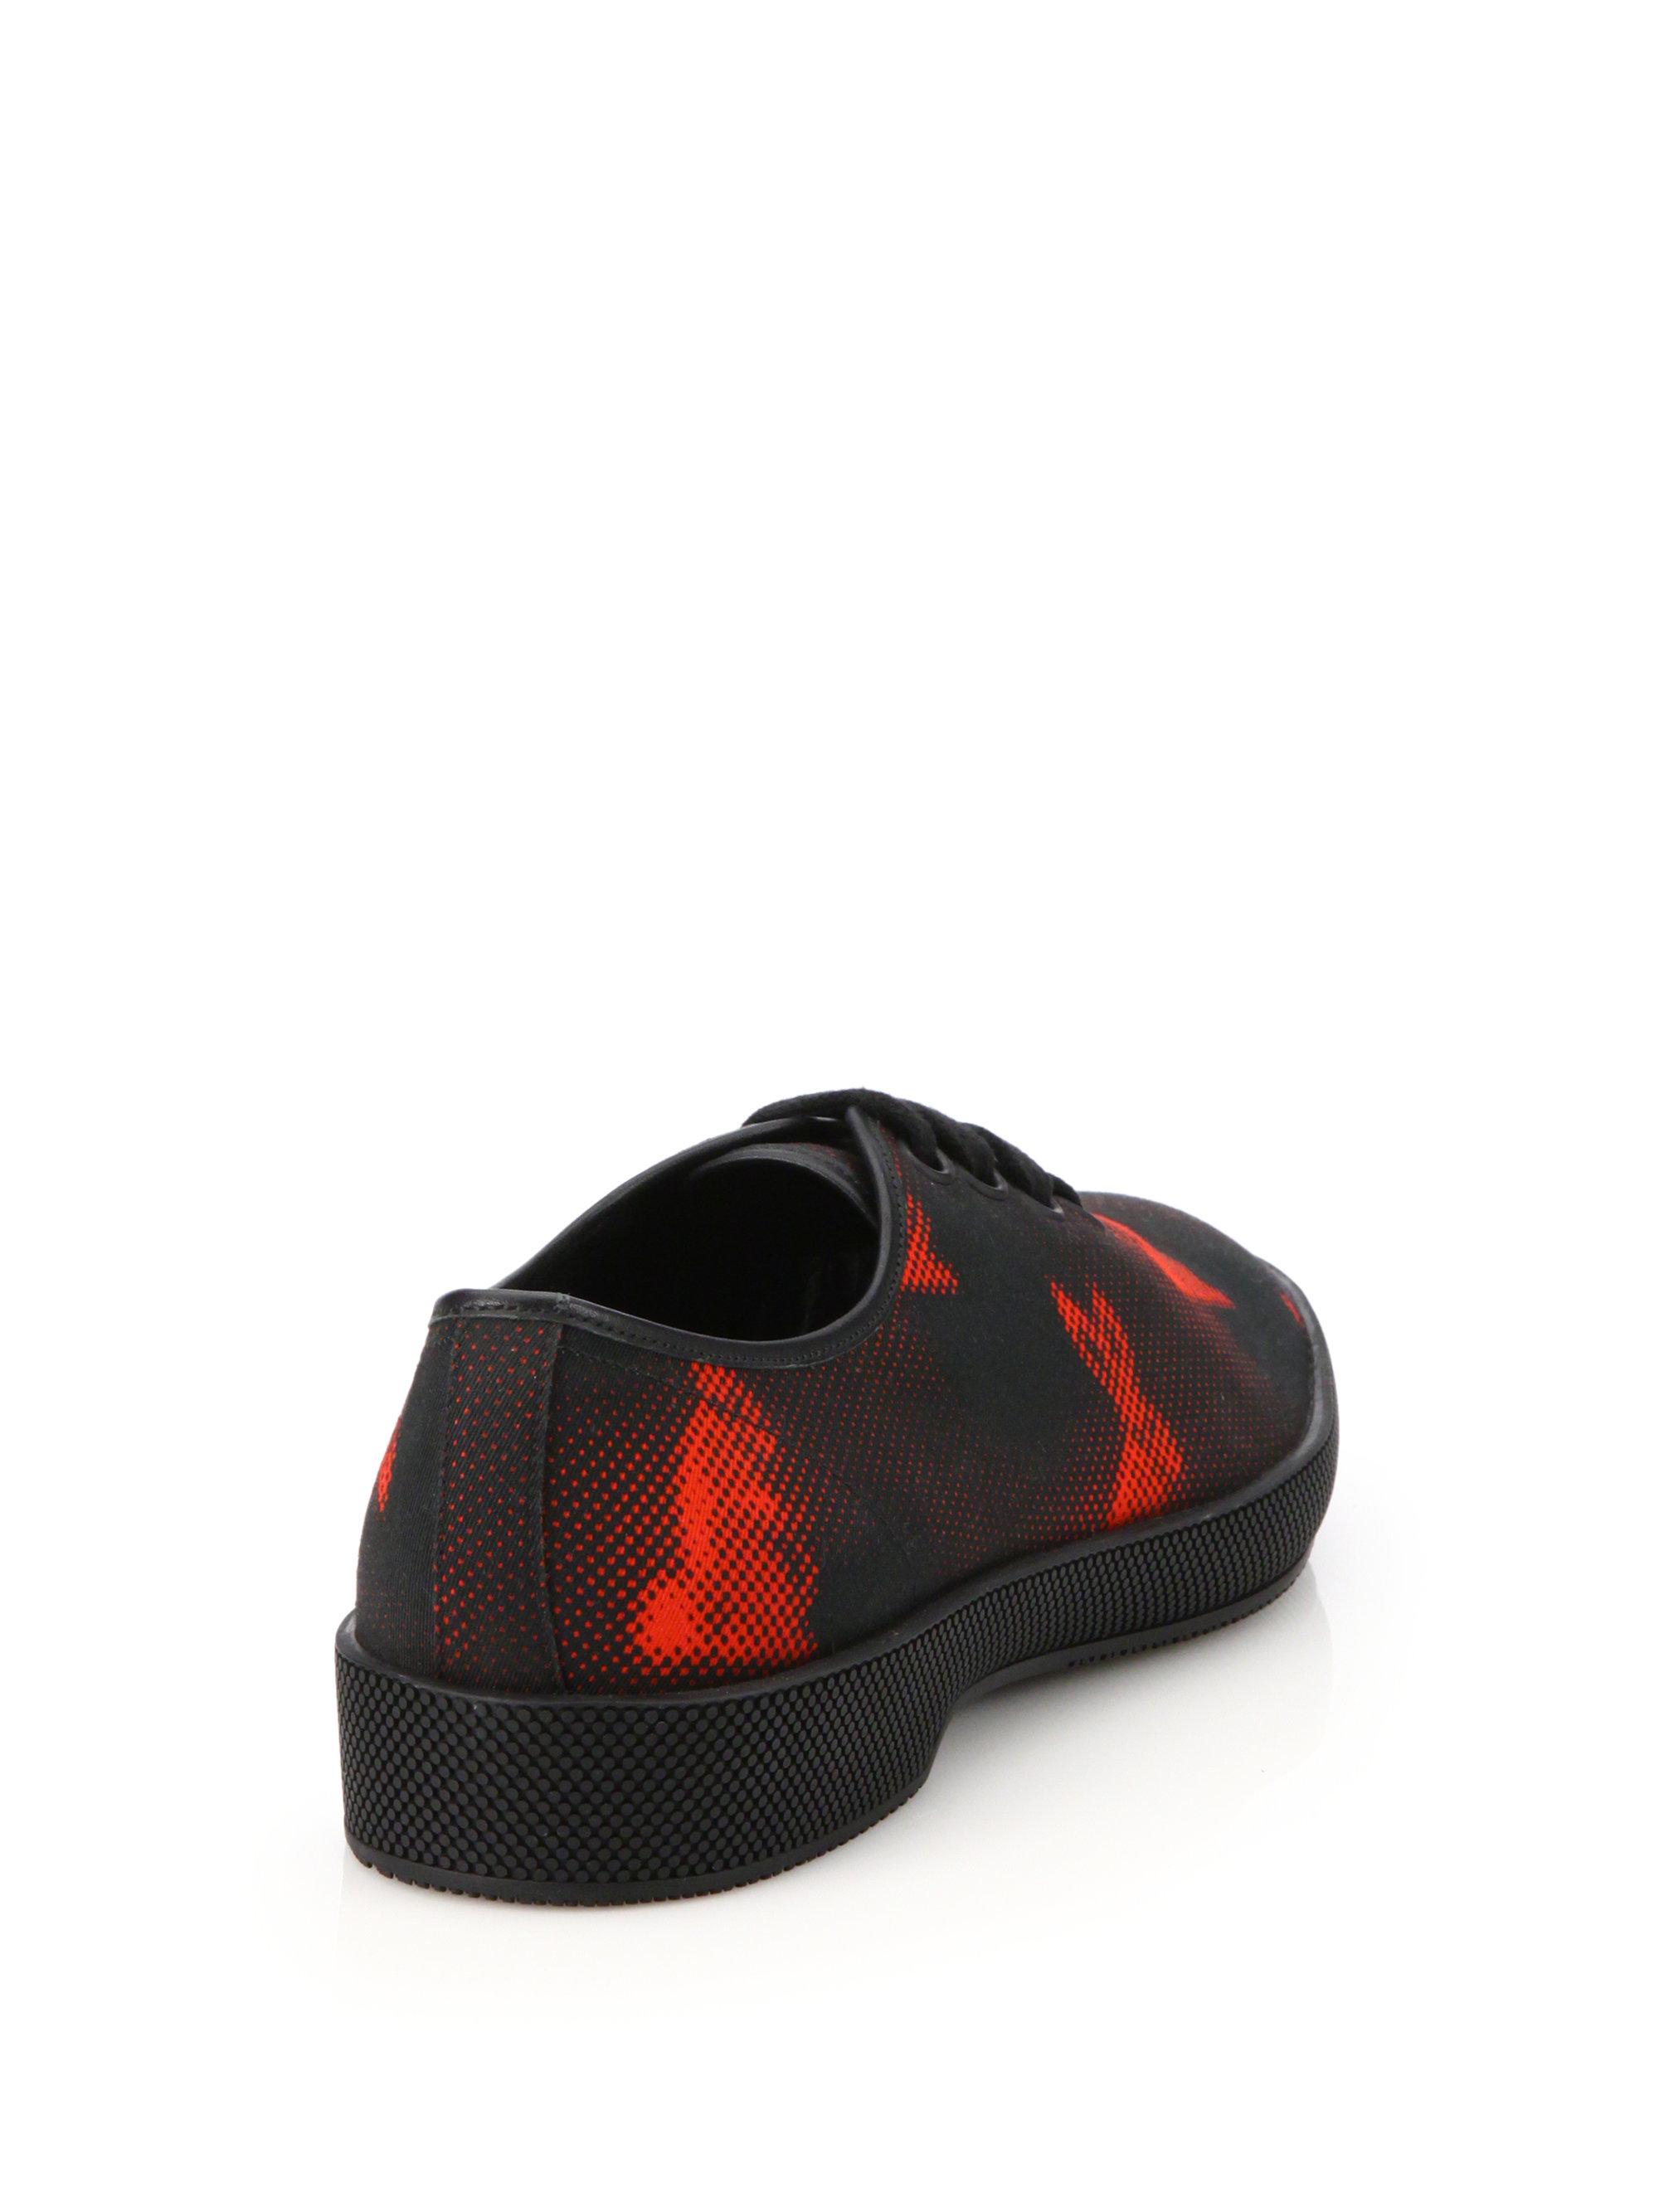 prada fake or real - Prada Rabbit-print Canvas Sneakers in Black for Men (black-red)   Lyst